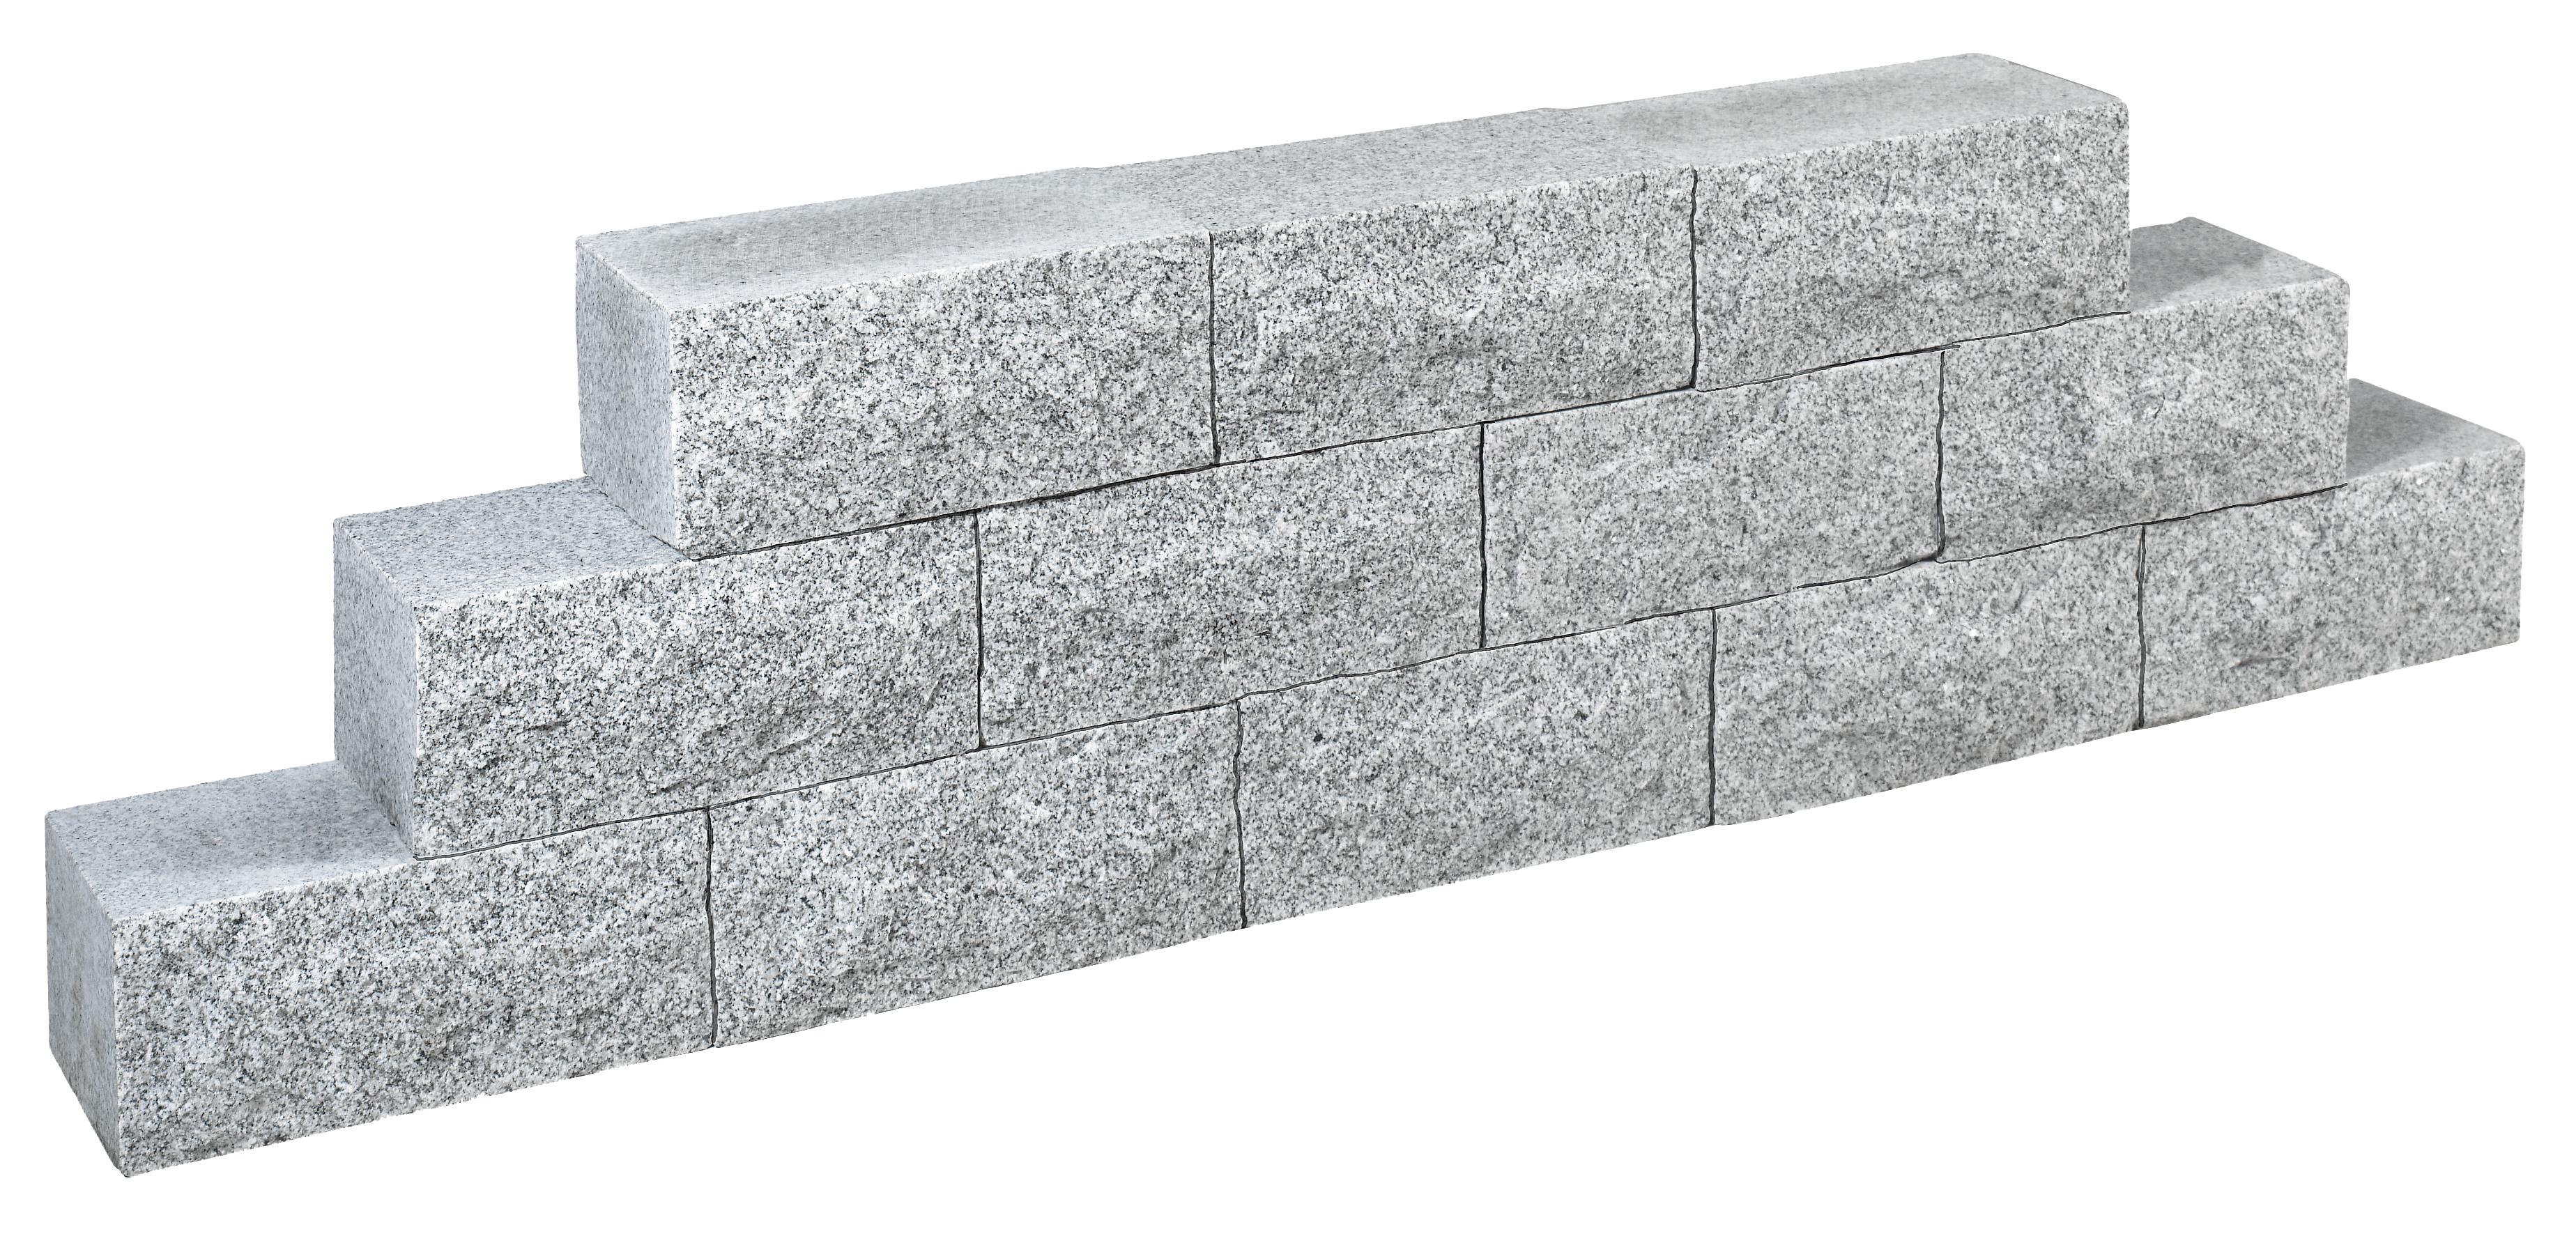 mauerstein granit grau ges gt 35x15x17 5cm steinhandel24. Black Bedroom Furniture Sets. Home Design Ideas